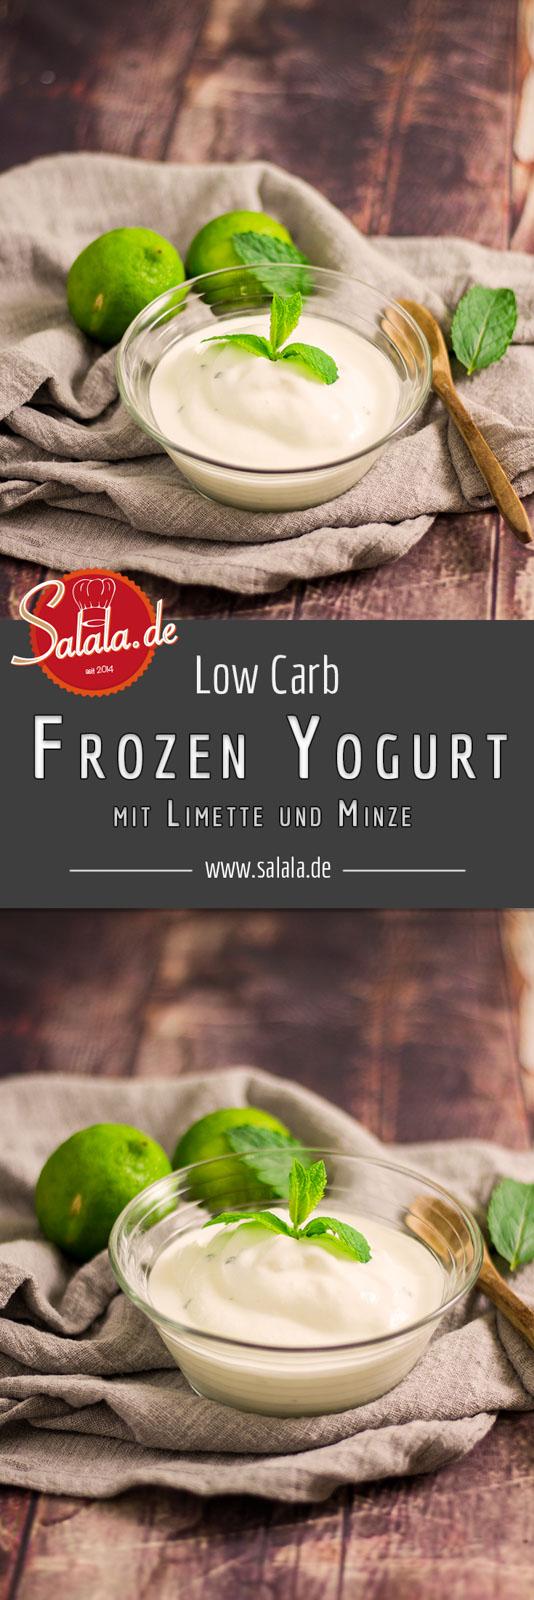 Frozen Yogurt mit Limette und Minze - by salala.de - ohne Zucker Low Carb Rezept mit Ibywind YF700 #lowcarb #lowcarbrezept #frozenyoghurt #zuckerfrei